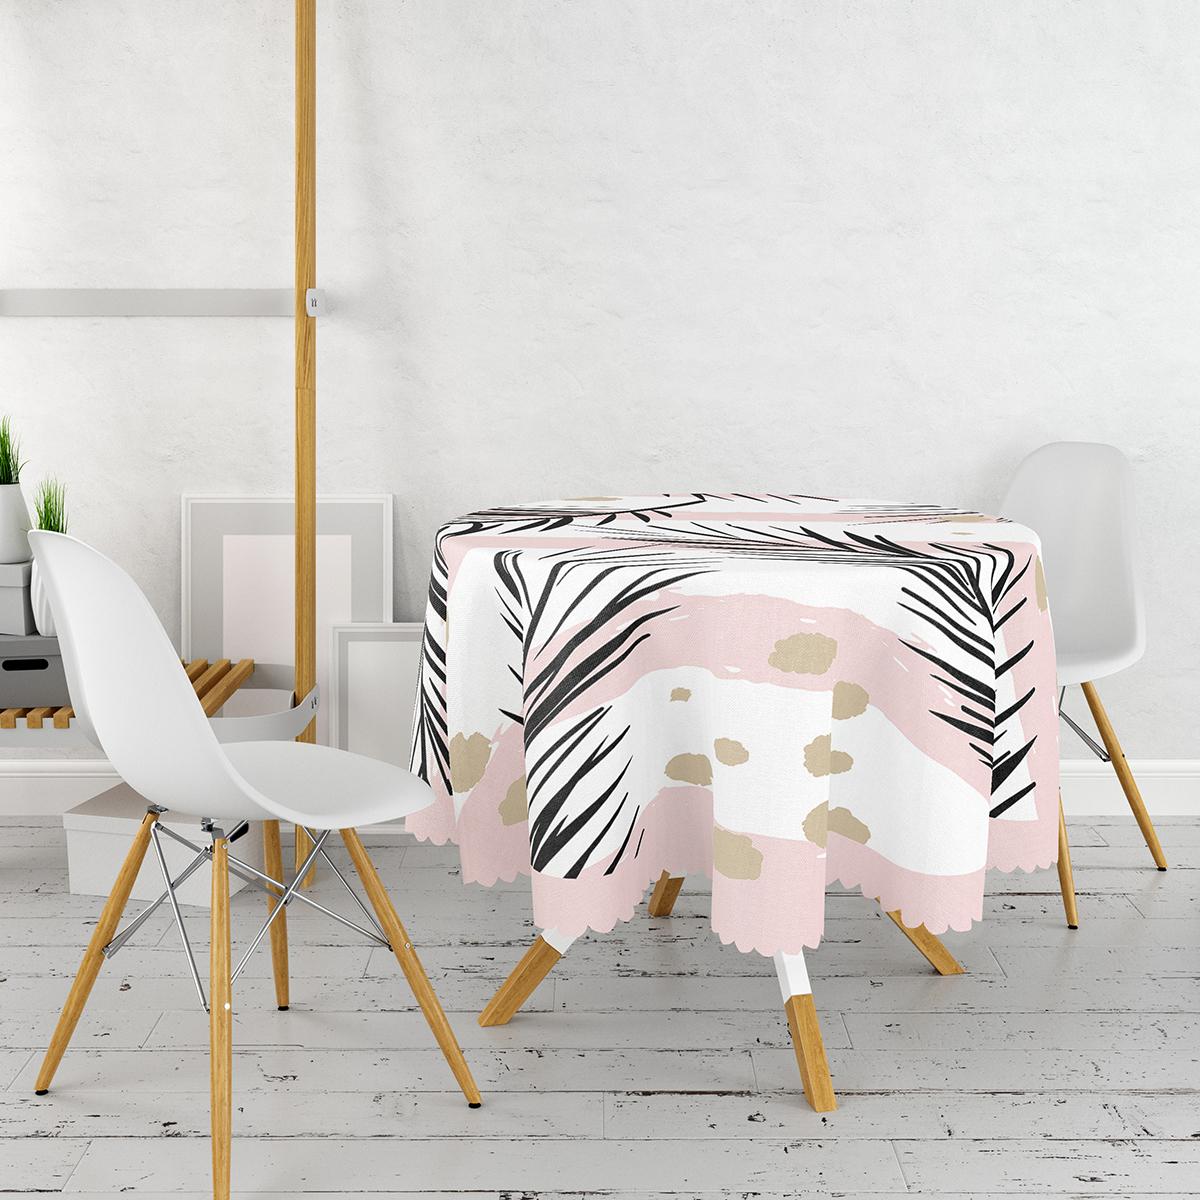 Beyaz Zemin Üzerinde Gold Detaylı Yaprak Desenli Modern Yuvarlak Masa Örtüsü - Çap 140cm Realhomes